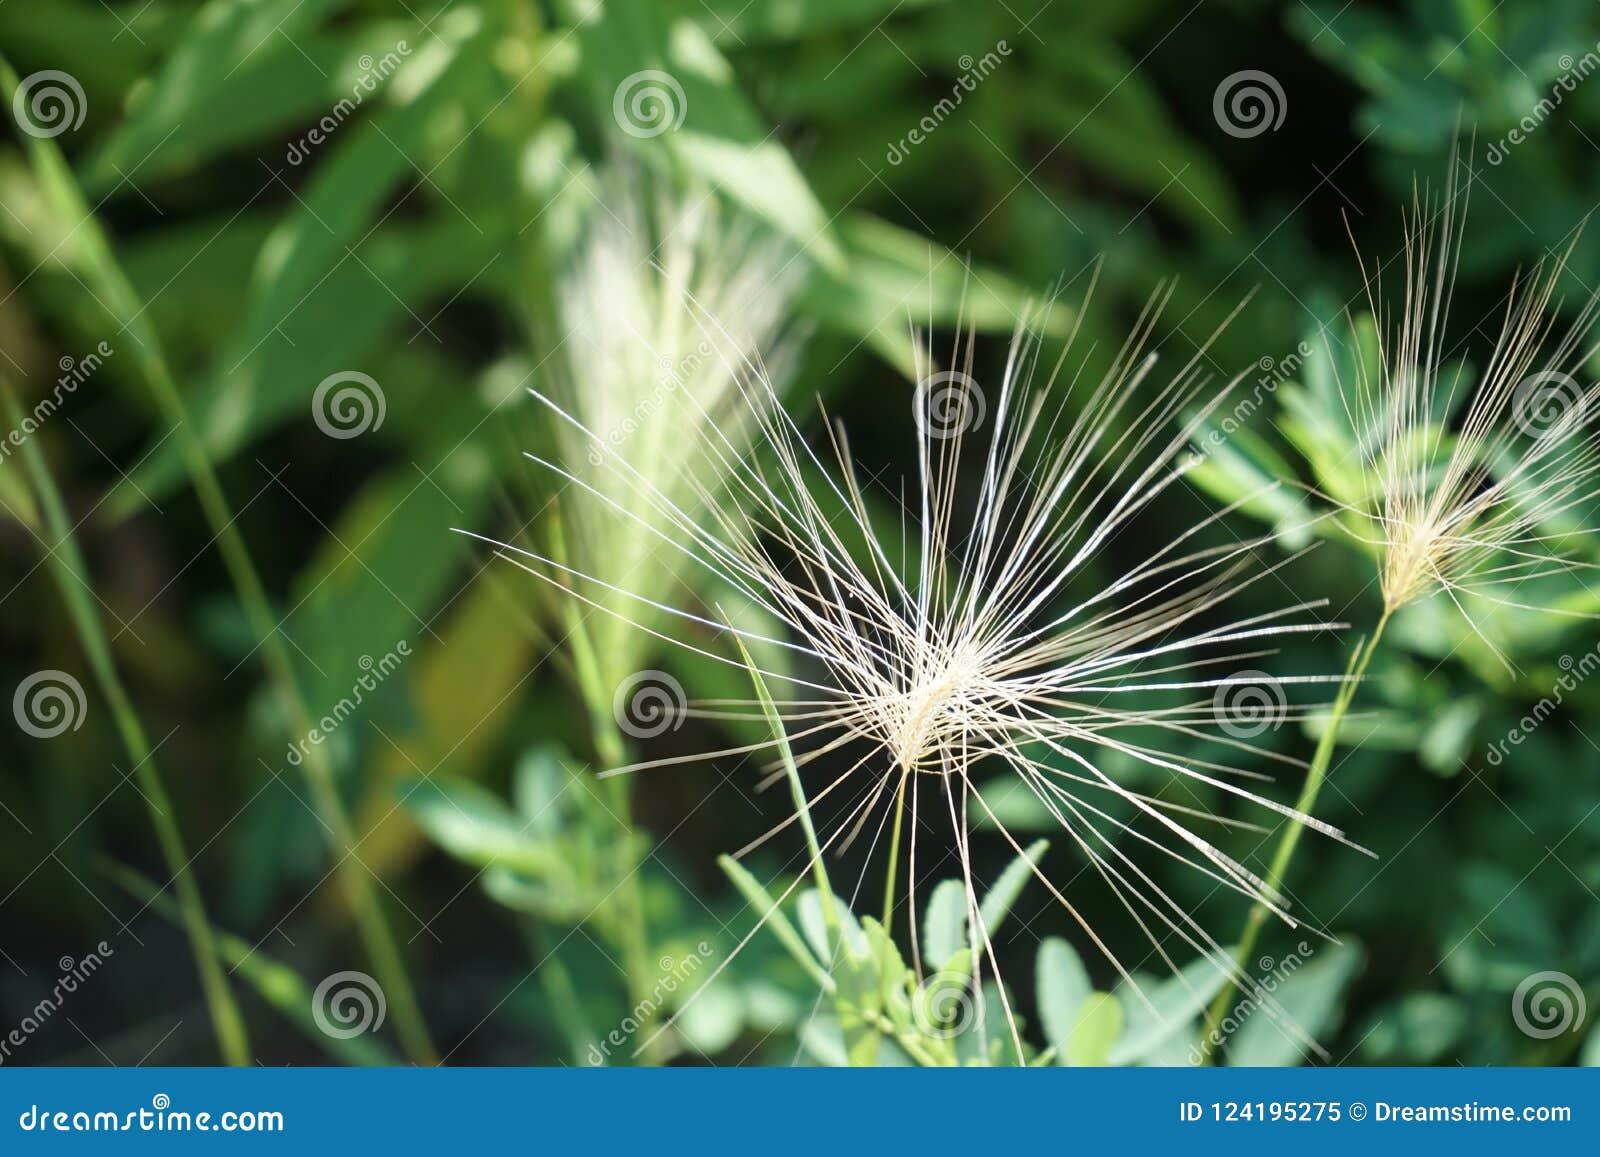 White wildflower grass